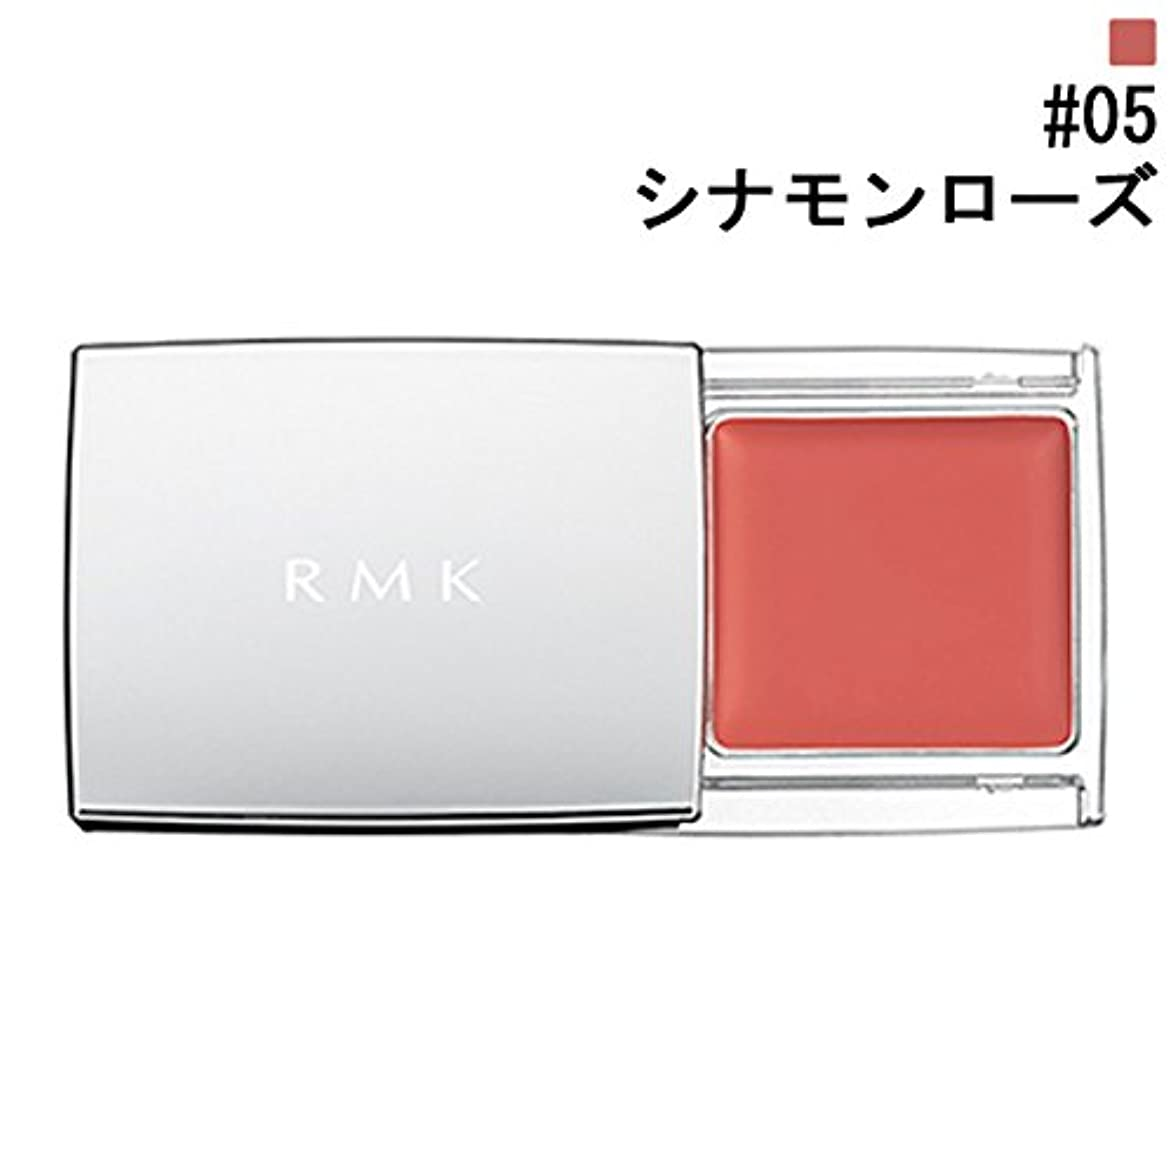 デコラティブ省略するつぼみ【RMK (ルミコ)】RMK マルチペイントカラーズ #05 シナモンローズ 1.5g